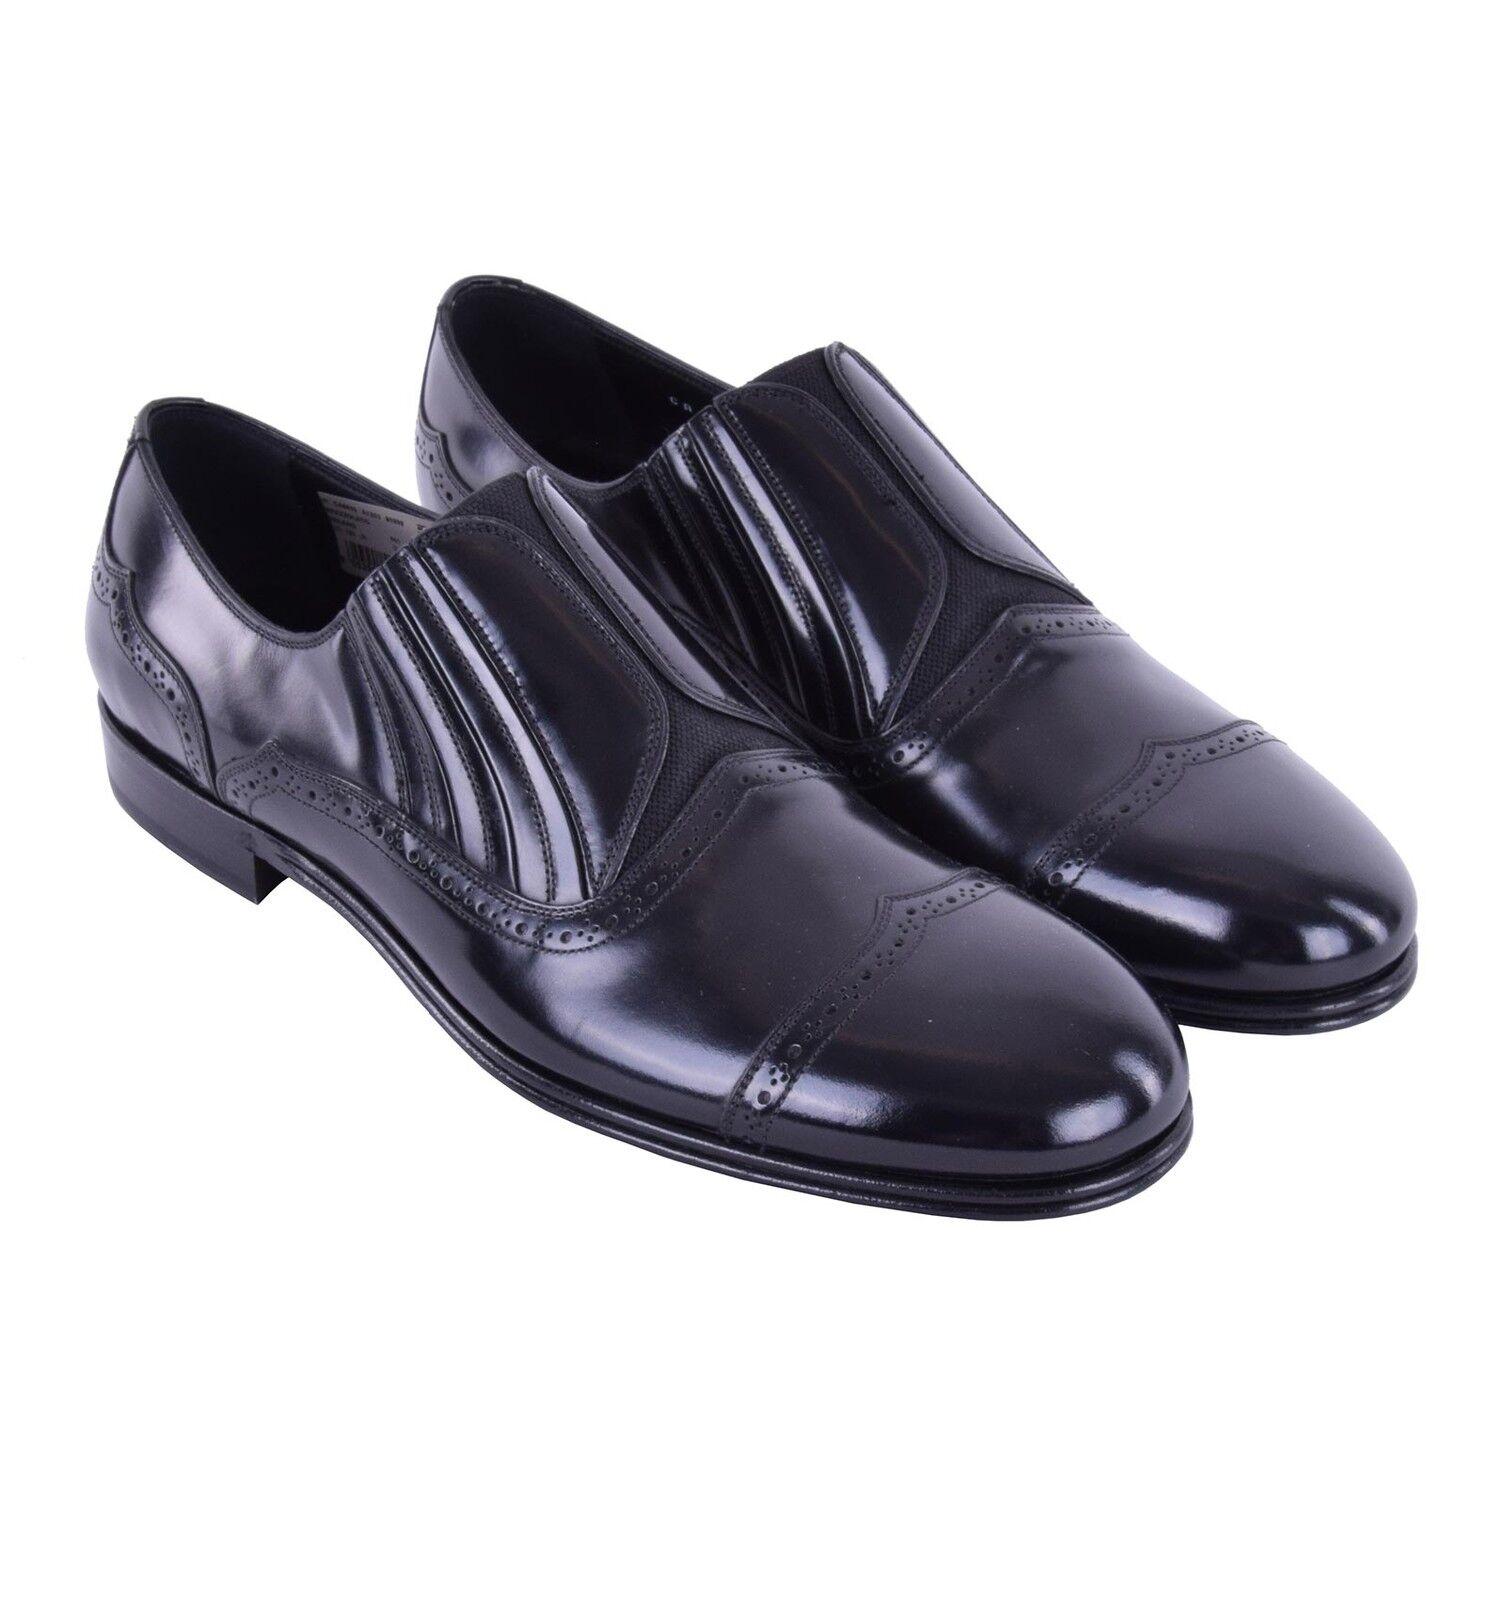 DOLCE & GABBANA Elastische Glattleder Loafer Schuhe MILANO Schwarz Shoes 05188